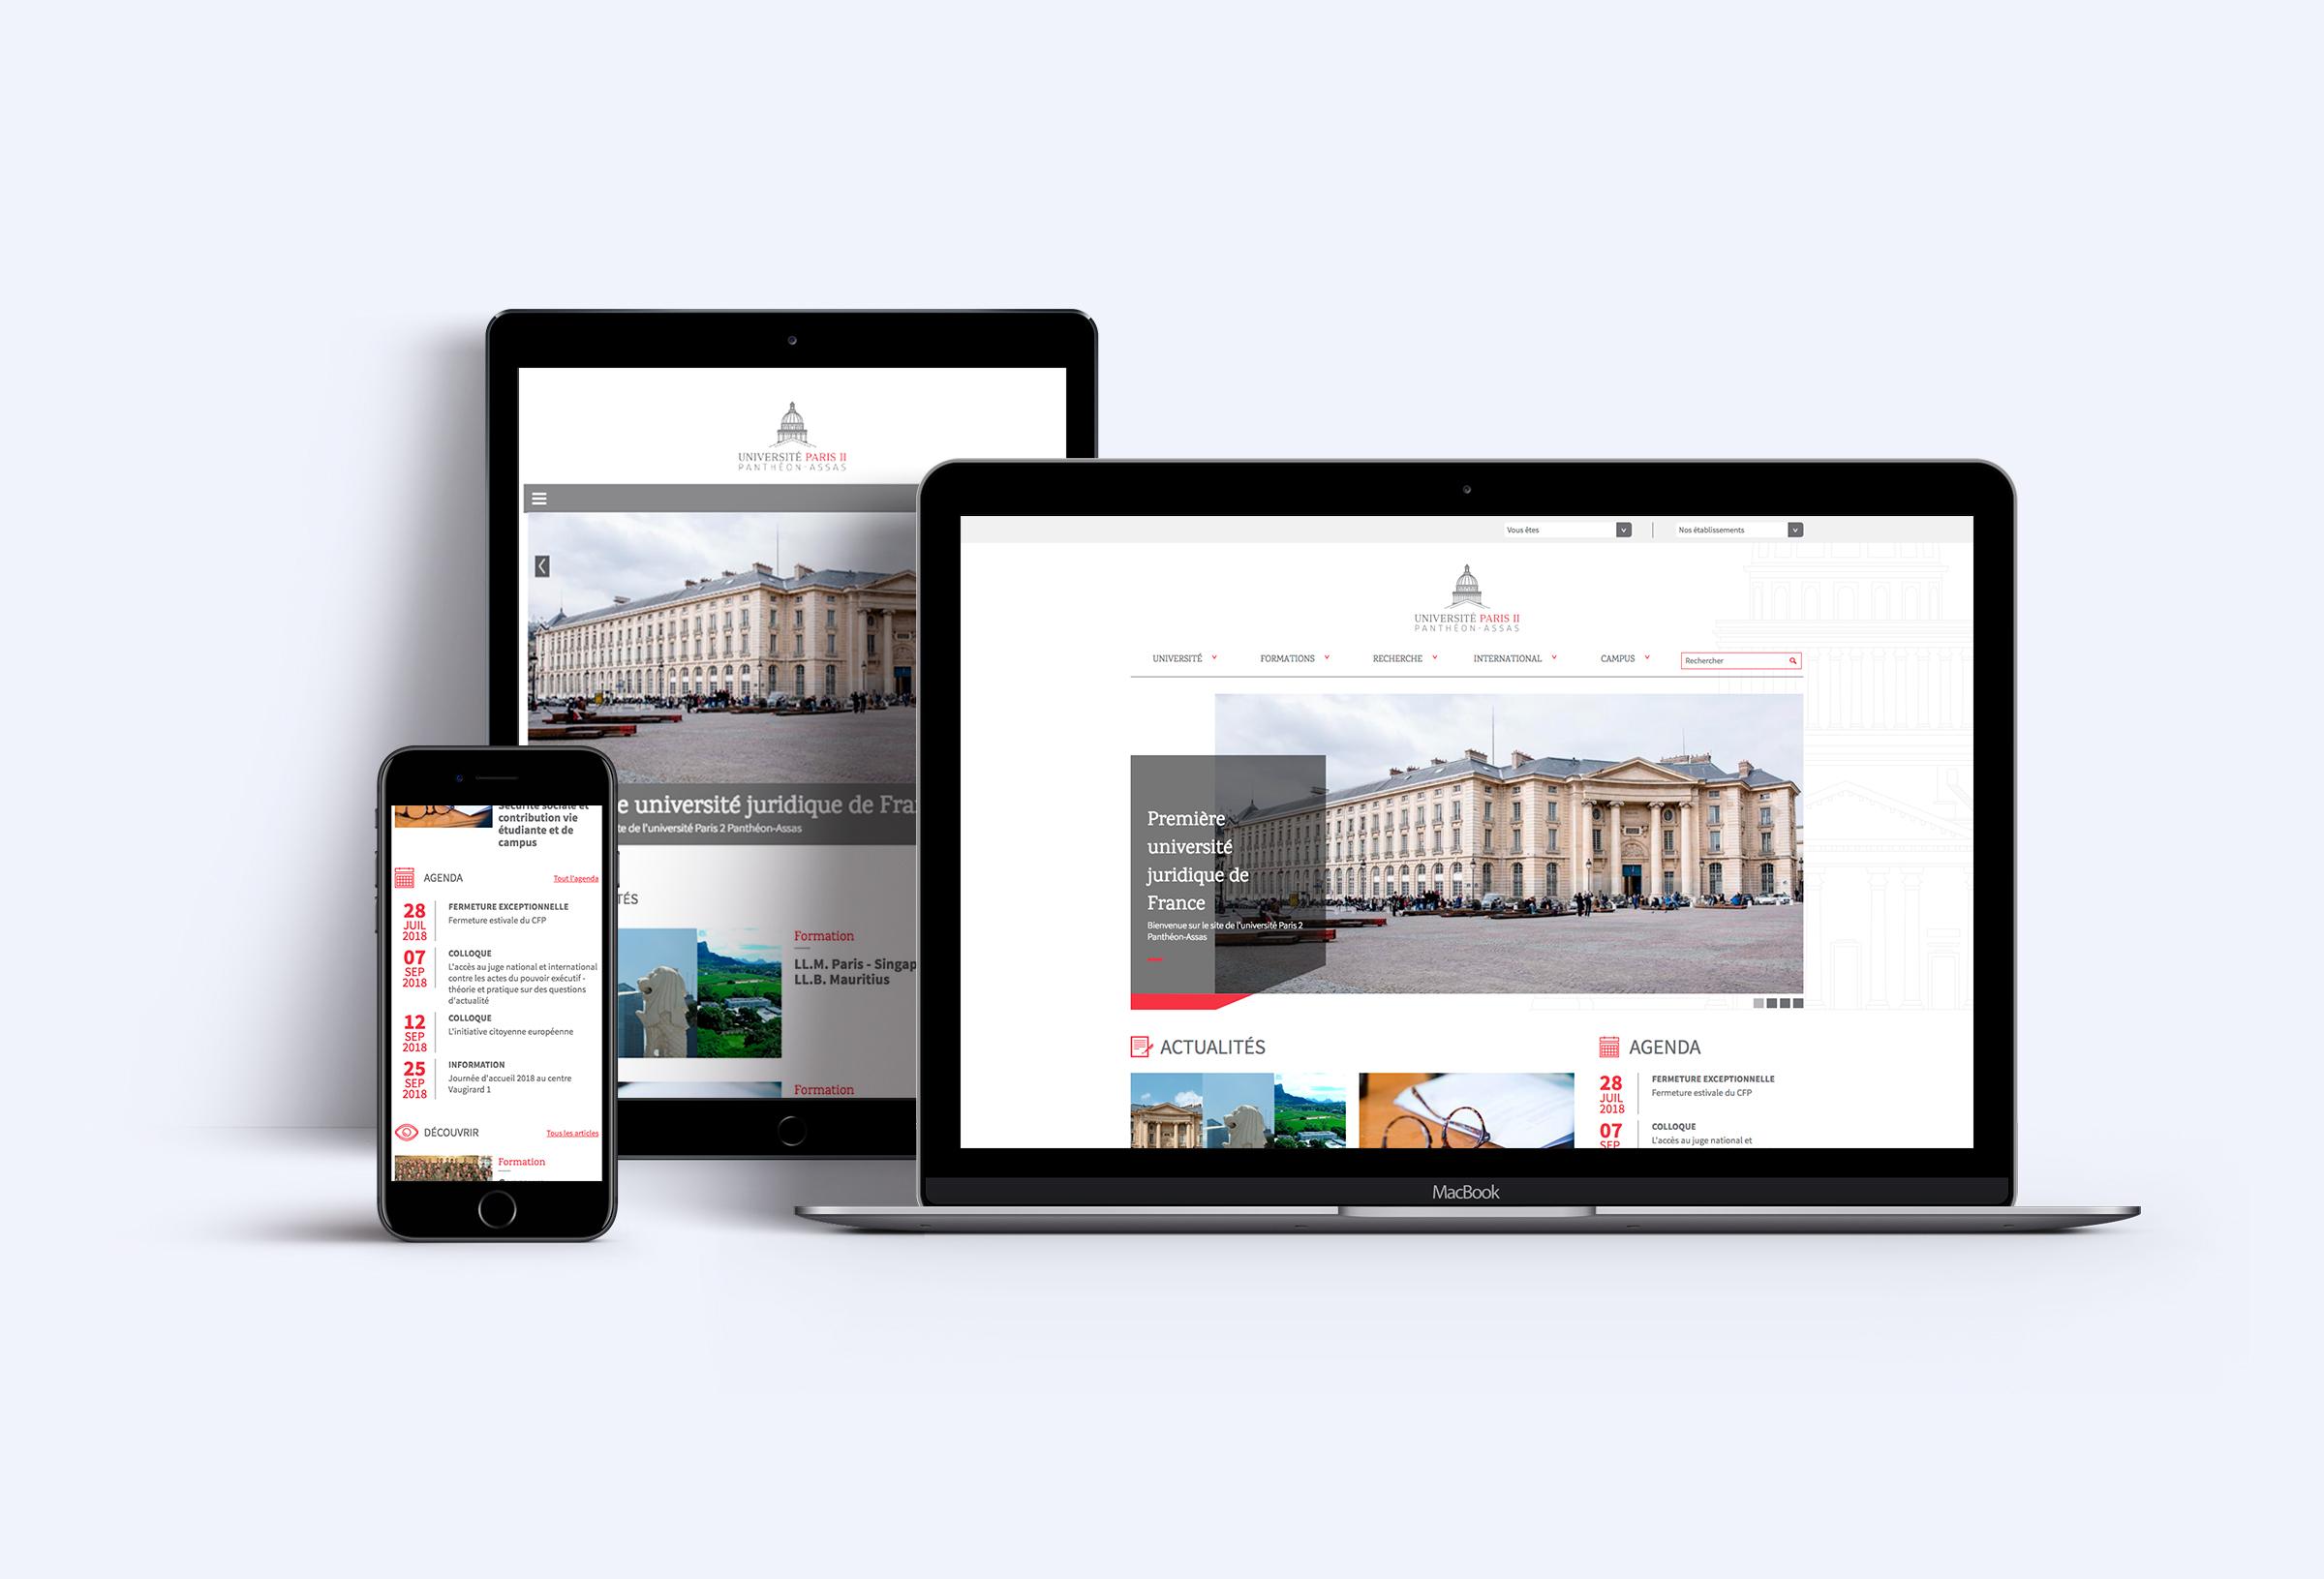 Refonte du site internet de Panthéon Assas